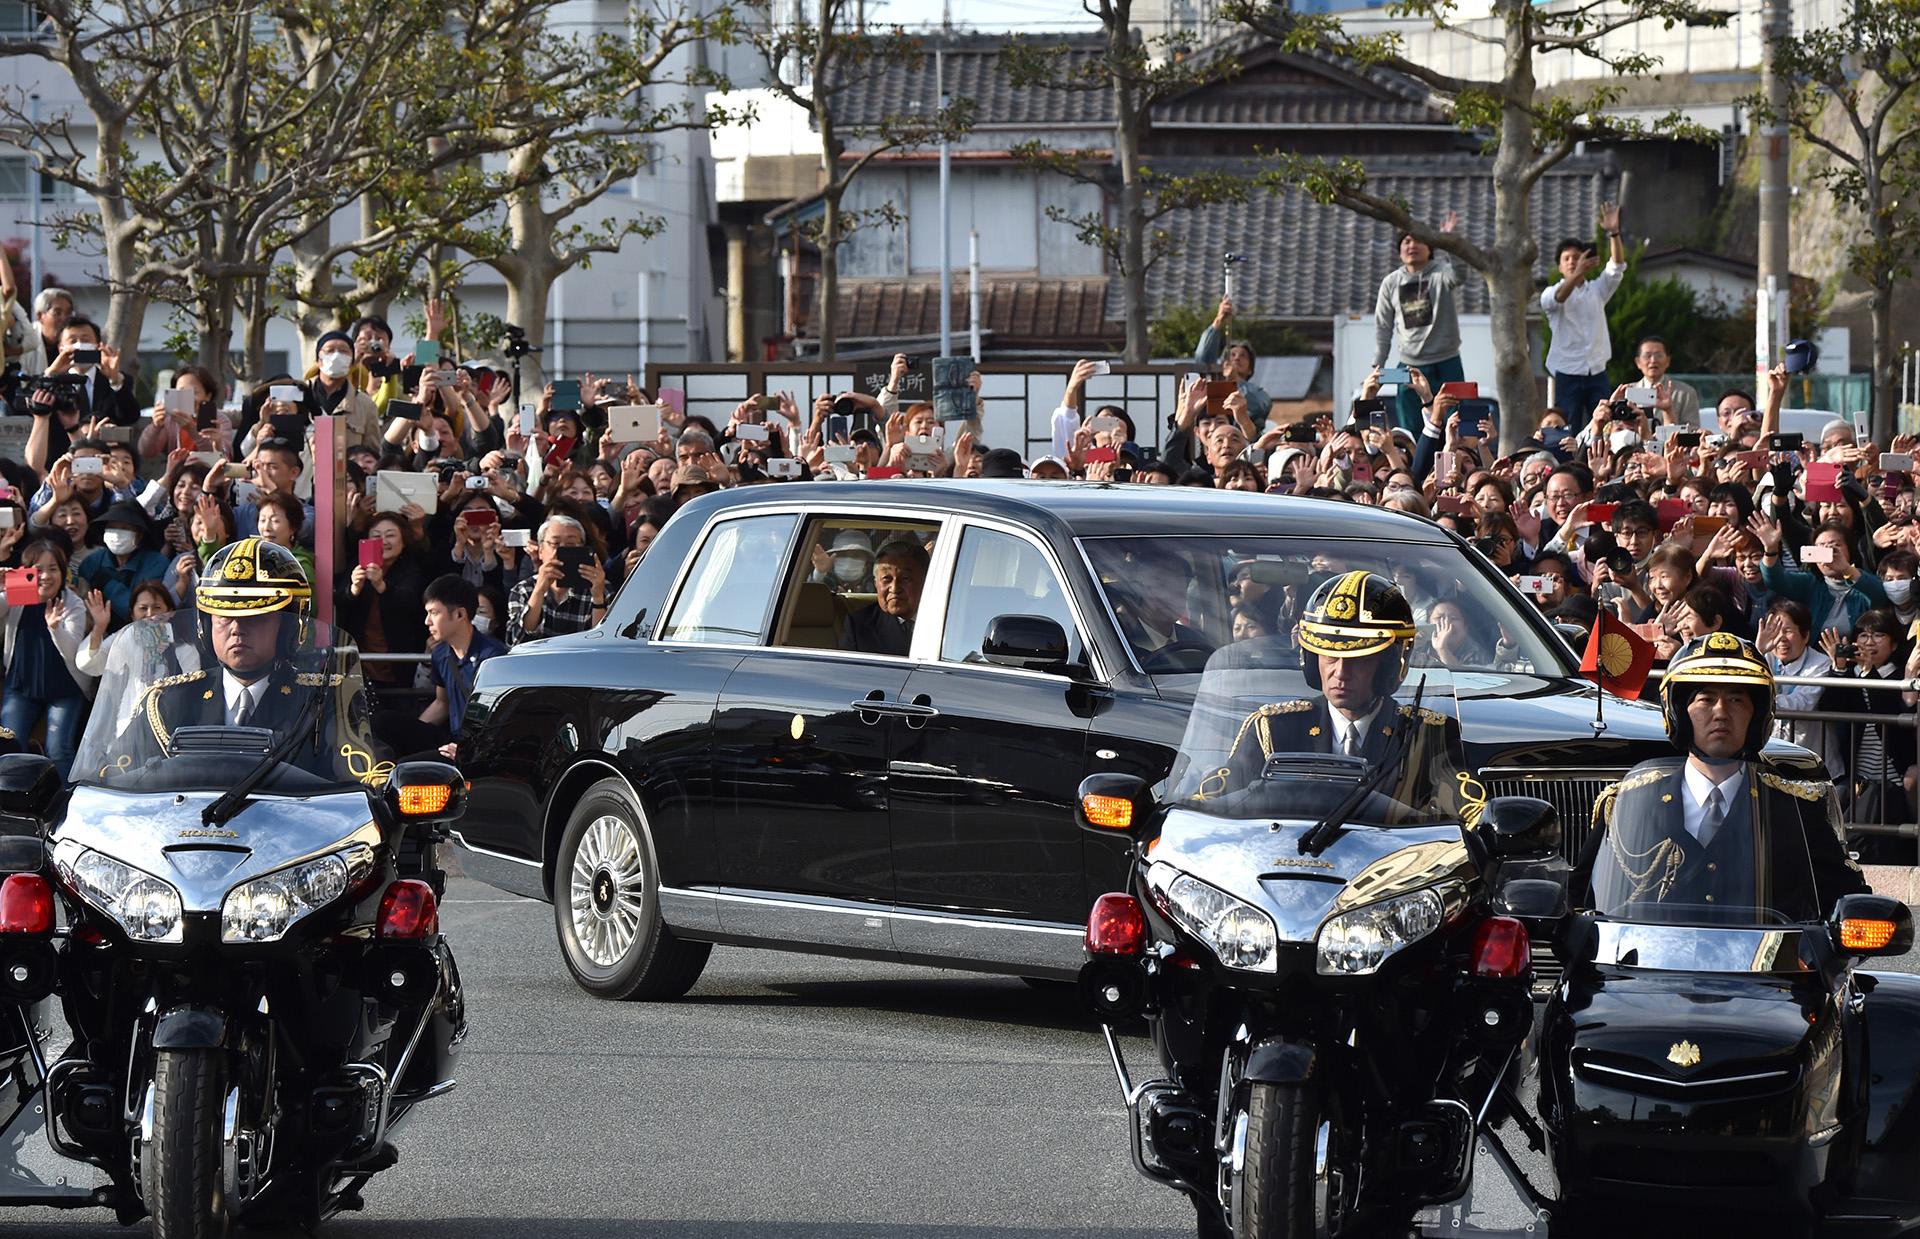 La abdicación del emperador está prevista para el 30 de abril